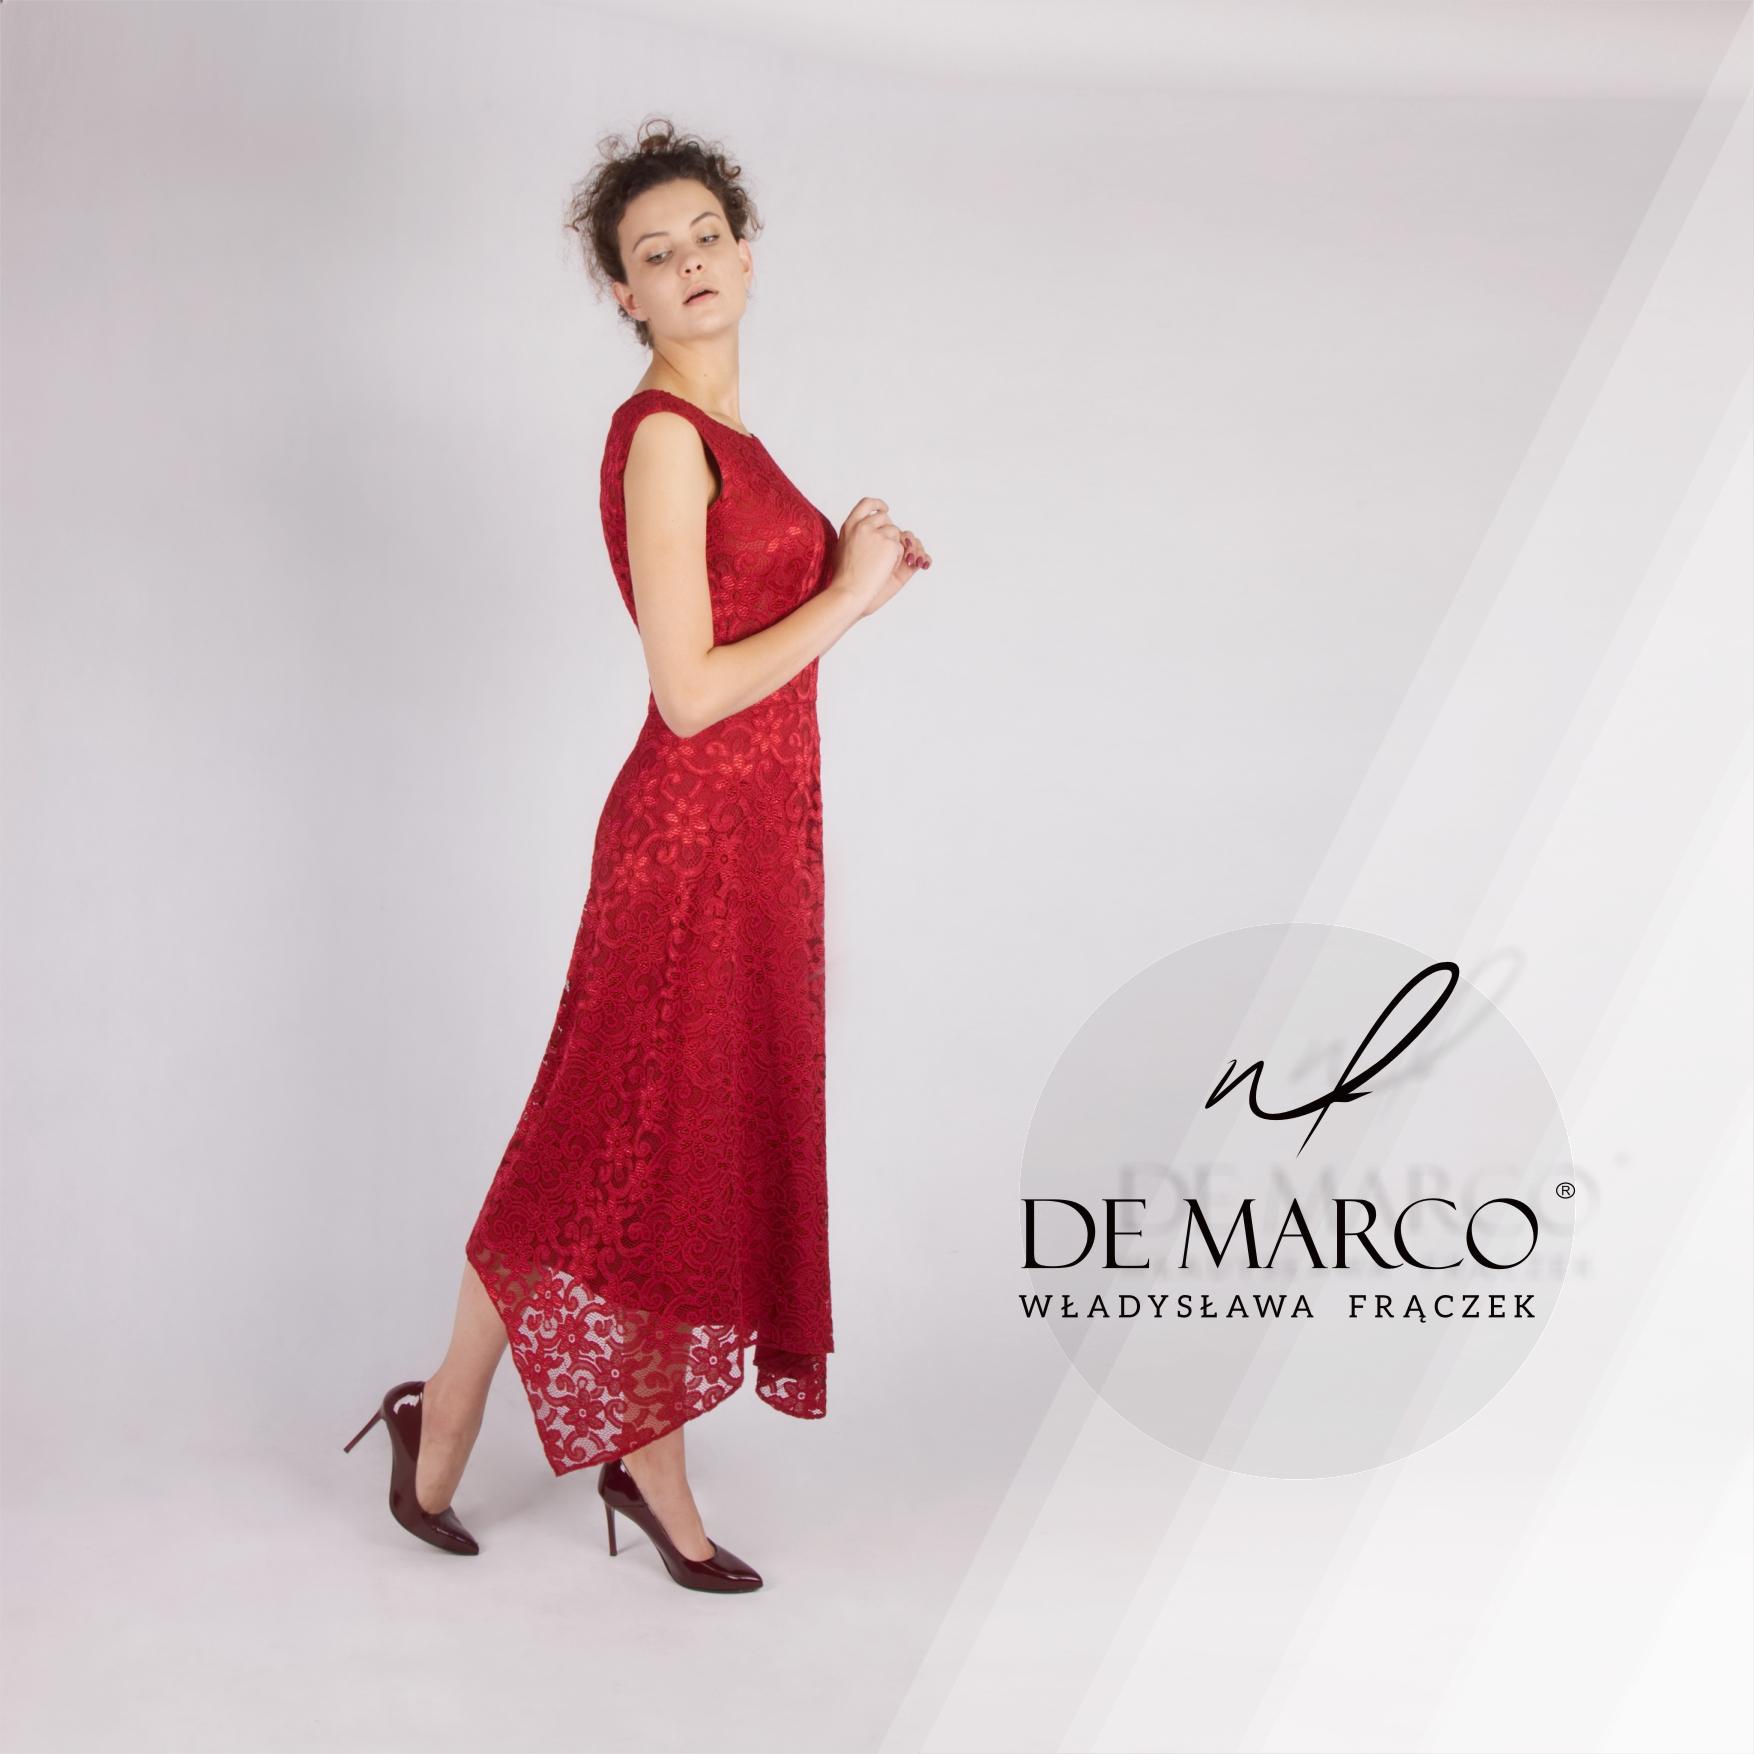 Ekskluzywna koronkowa sukienka na wesele. Asymetryczne sukienki szyte na miarę w De Marco. Sklep internetowy projektantki Władysławy Frączek.